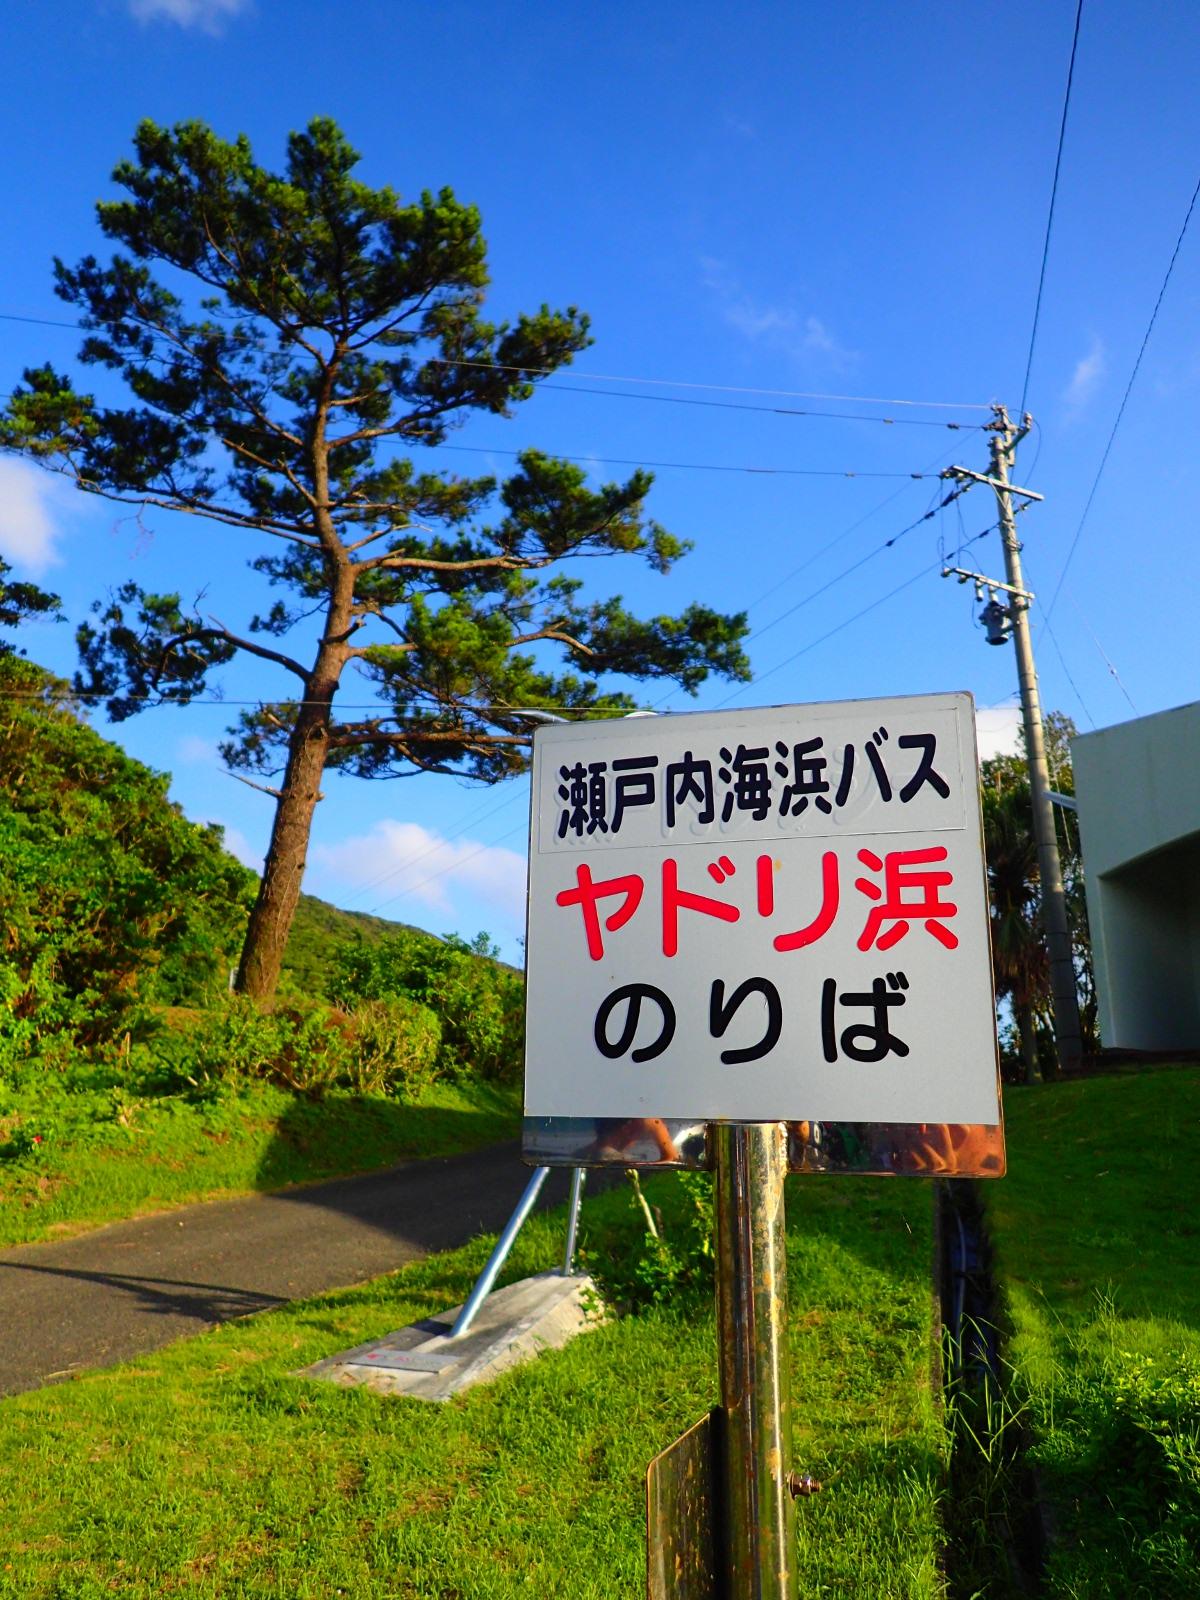 加計呂麻への起点となるヤドリ浜。ここから大島海峡を渡る(予定)。